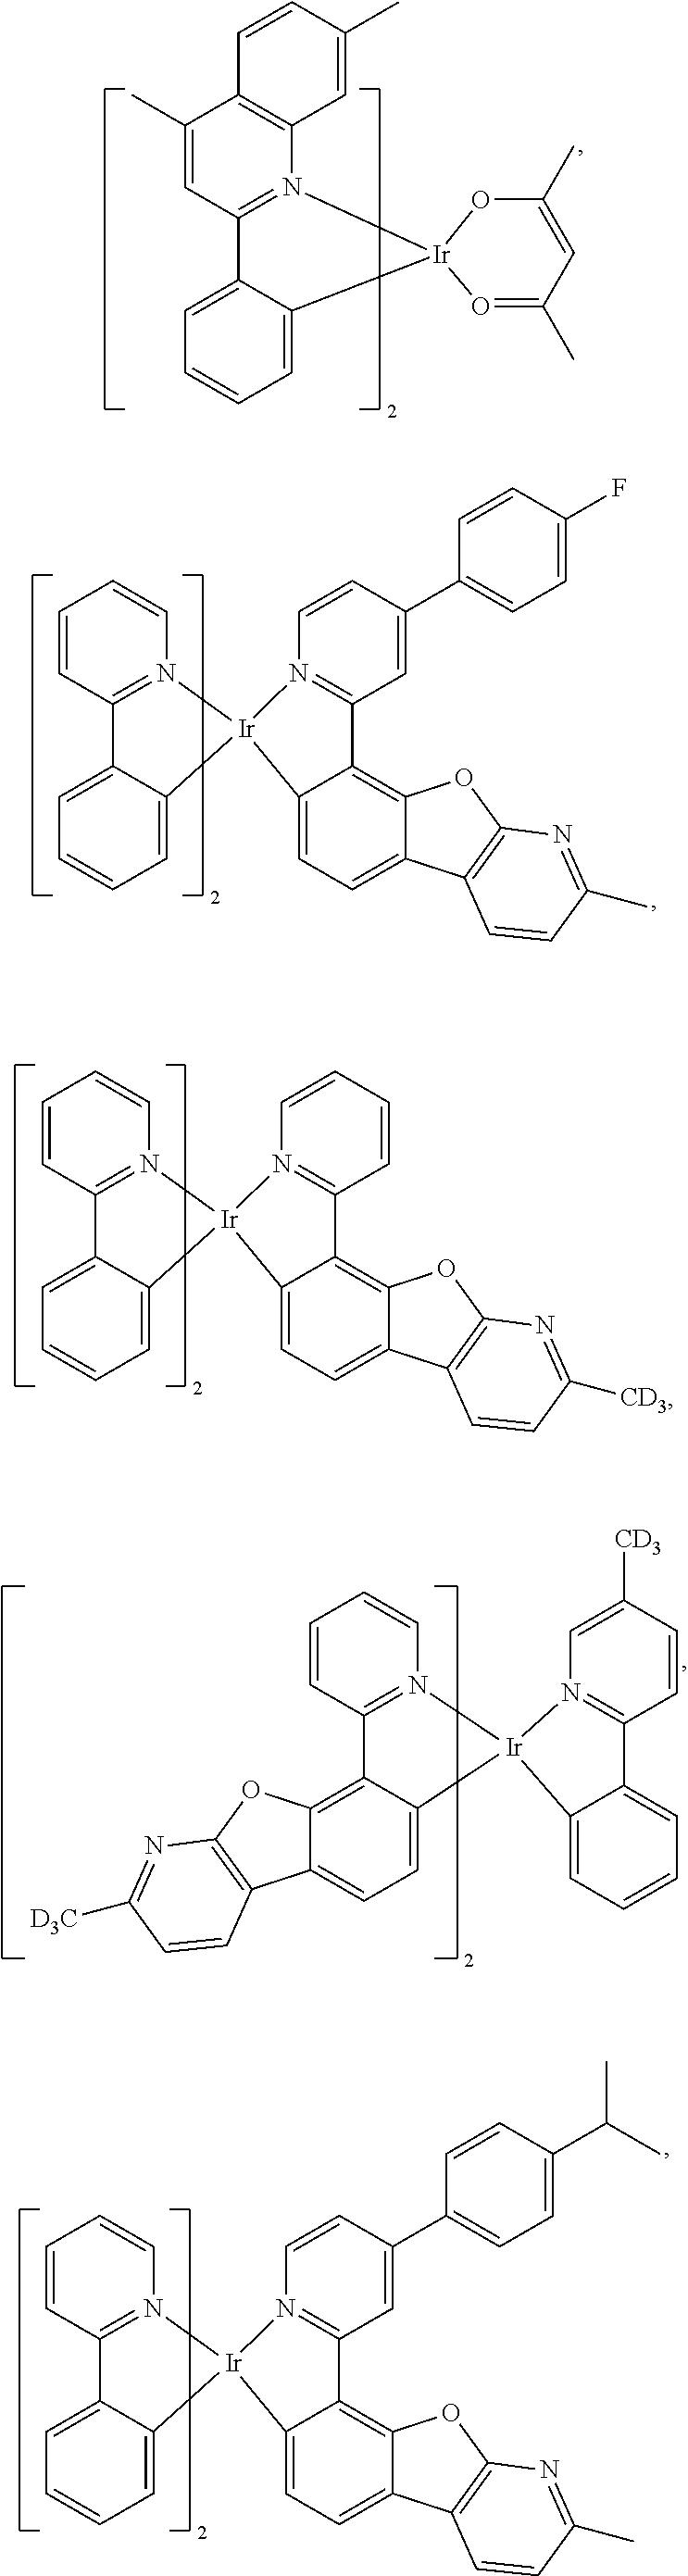 Figure US20180076393A1-20180315-C00105